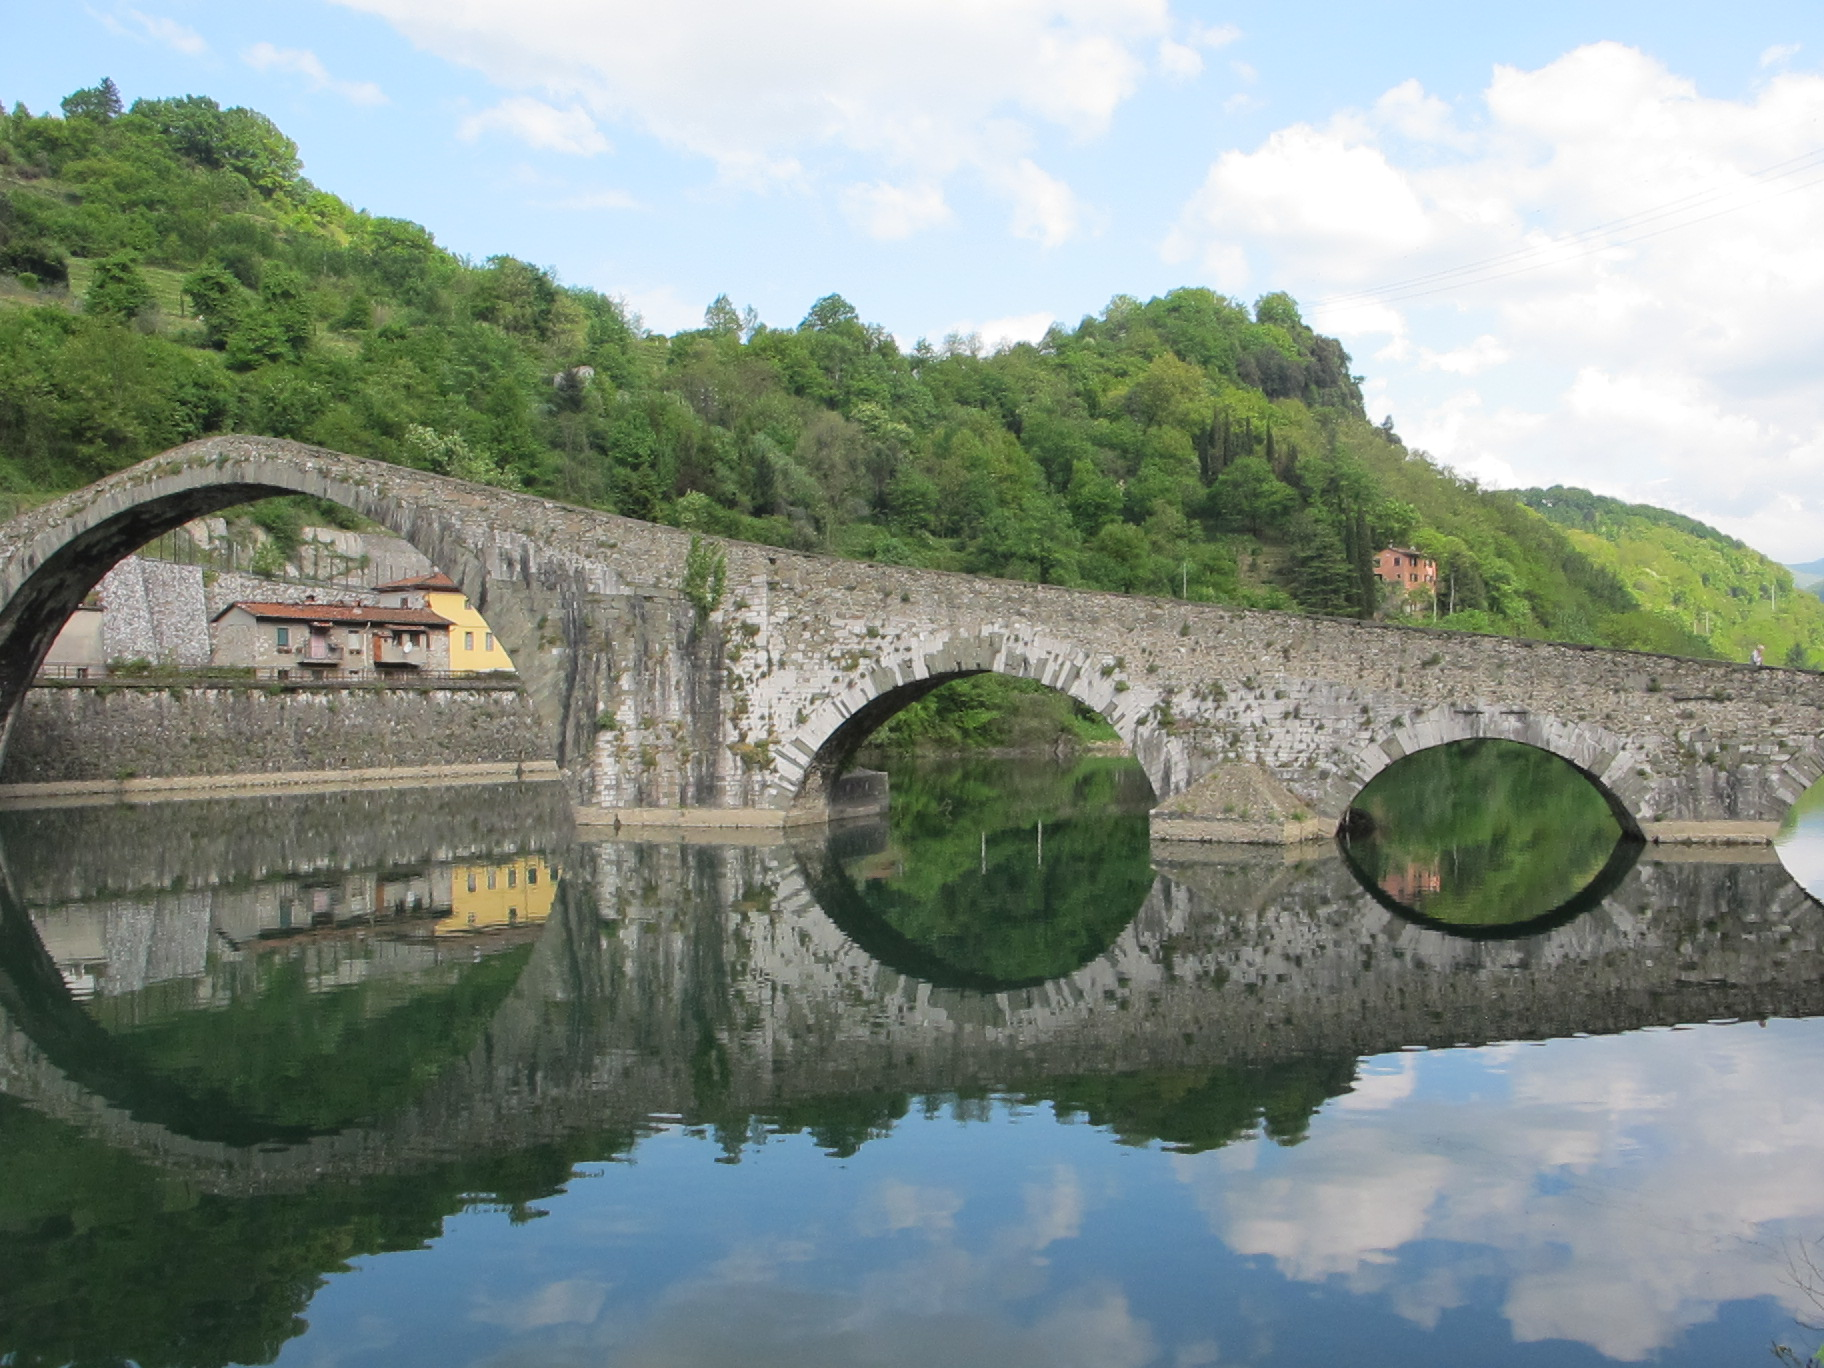 Ponte della maddalena devil s bridge bella bagni di lucca - Bagni di lucca ...